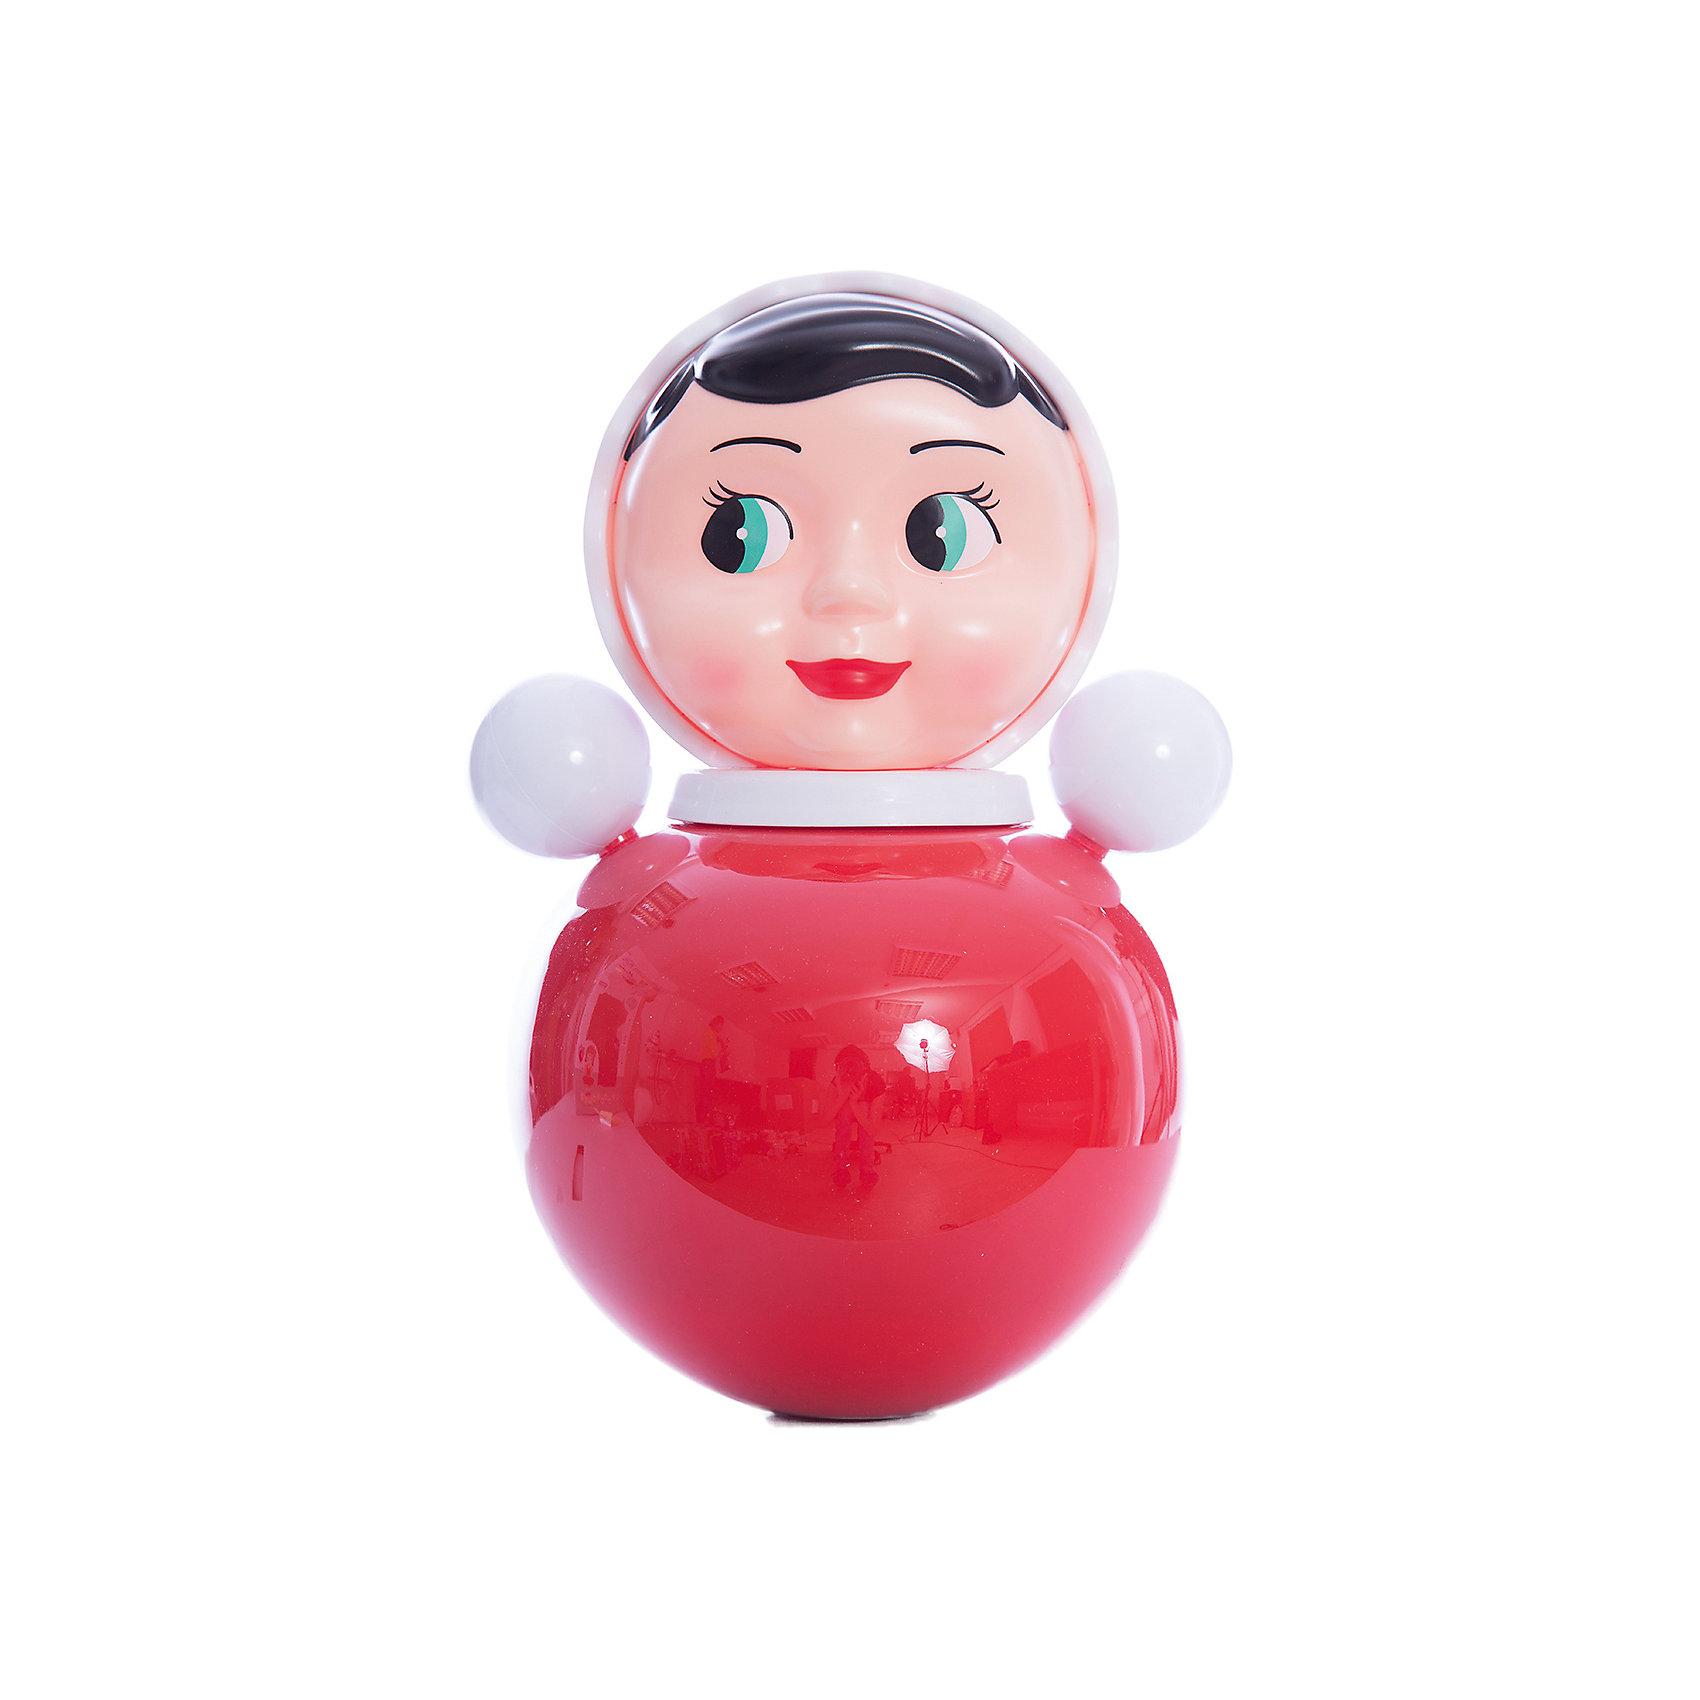 Неваляшка Мила, СтелларНеваляшки<br>Неваляшка Мила порадует Вашего малыша, ведь эта забавная игрушка практически не может устоять на одном месте!<br><br>Неваляшка поможет ребенку в развитии мелкой моторики рук, координации движения, слуха, цветовосприятия, фантазии и мышления.<br><br>Дополнительная информация:<br><br>- Материал: пластик<br>- Высота куклы: 28 см<br>- Размер упаковки: 20 х 30 х 19 см<br><br>Неваляшку Милу от Стеллар можно купить в нашем магазине.<br><br>Ширина мм: 190<br>Глубина мм: 200<br>Высота мм: 300<br>Вес г: 860<br>Возраст от месяцев: 6<br>Возраст до месяцев: 18<br>Пол: Унисекс<br>Возраст: Детский<br>SKU: 3362098